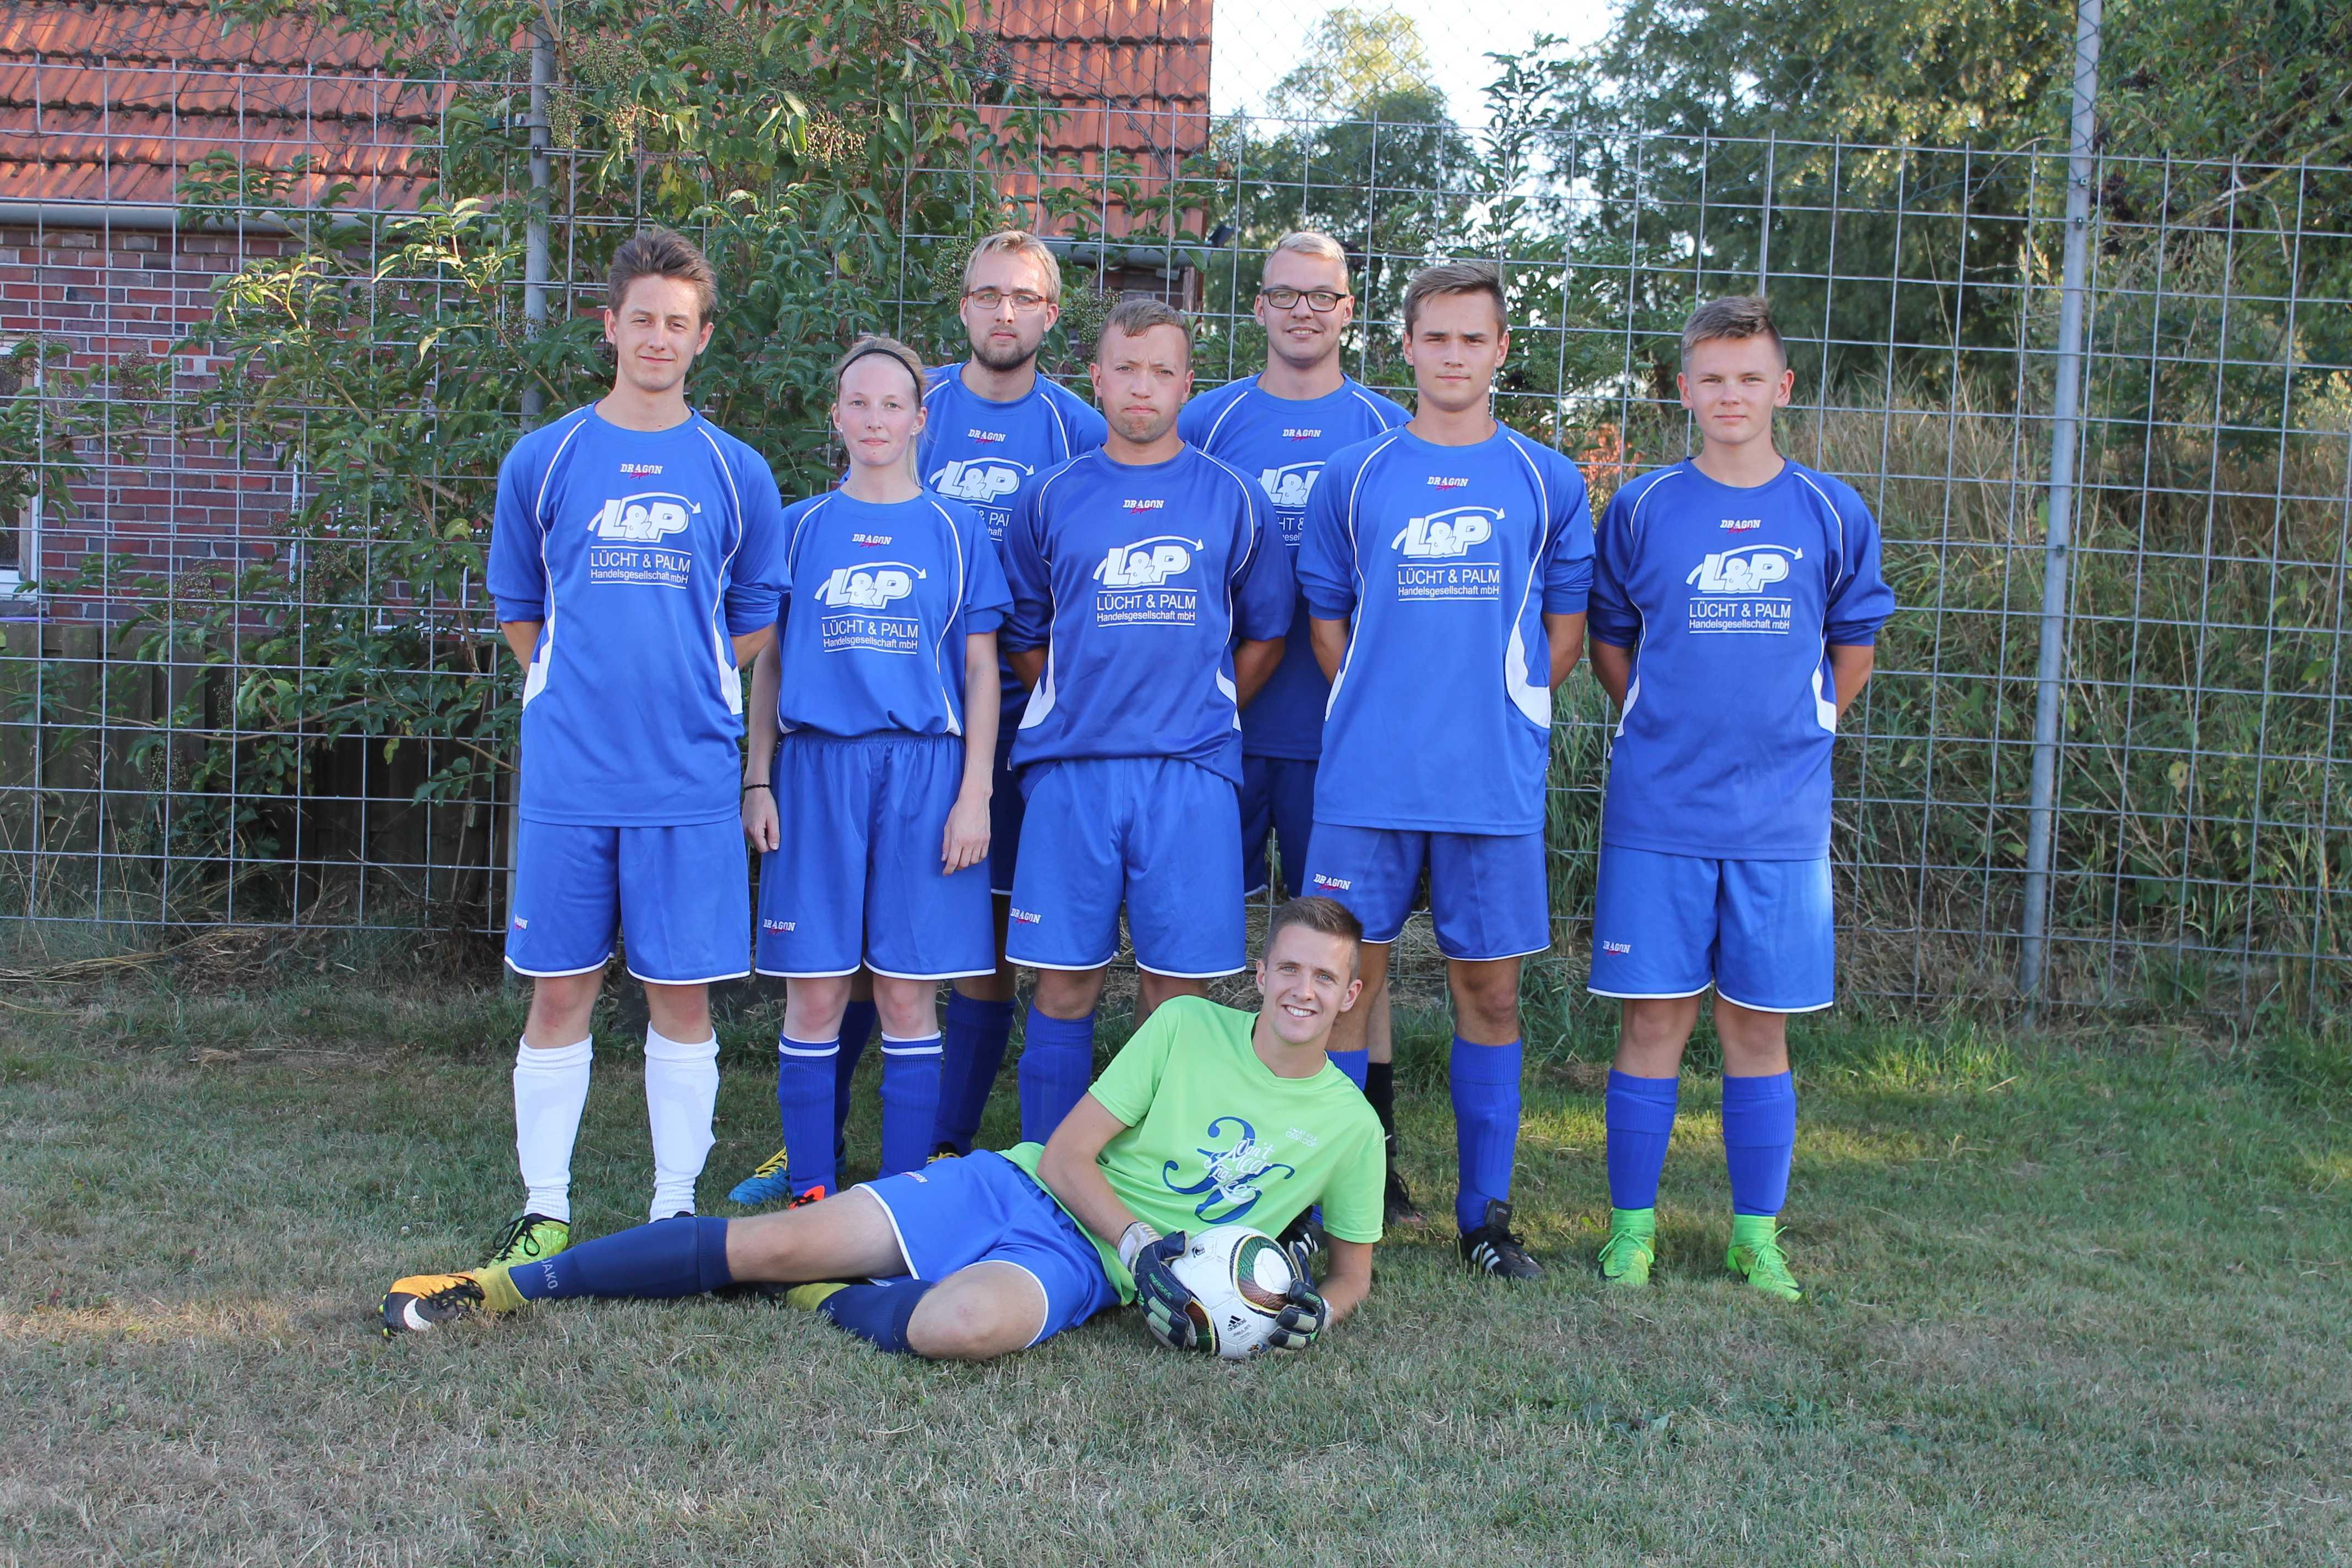 2018-08-03 Sportwoche - 2. und 3. Herrenturnier (1)